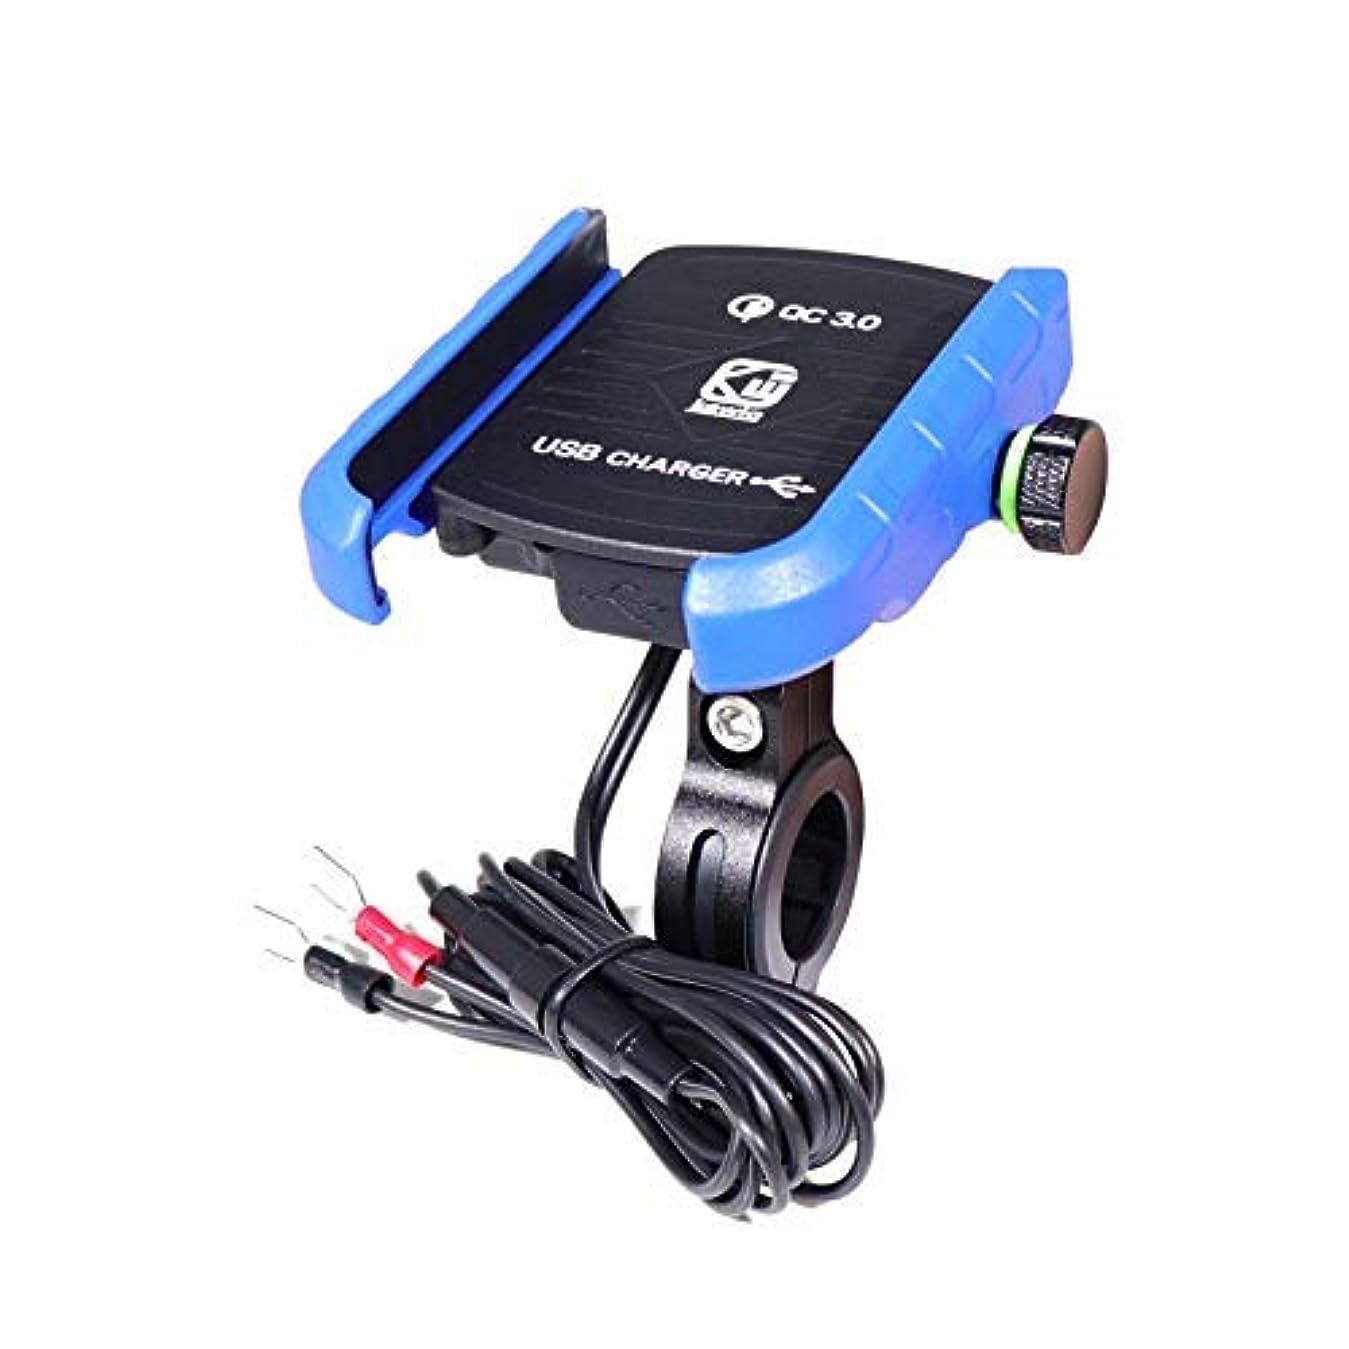 深遠ミスペンド団結するオートバイ 自転車 スマホ ホルダー バイク アクセサリーホルダー 強力固定 GPSナビ 携帯 固定用 スタンド 調整可能&回転式 入力電流12V-25V 防振 揺れ防止 防水 Andriod/iPhone に多機種対応(青い)